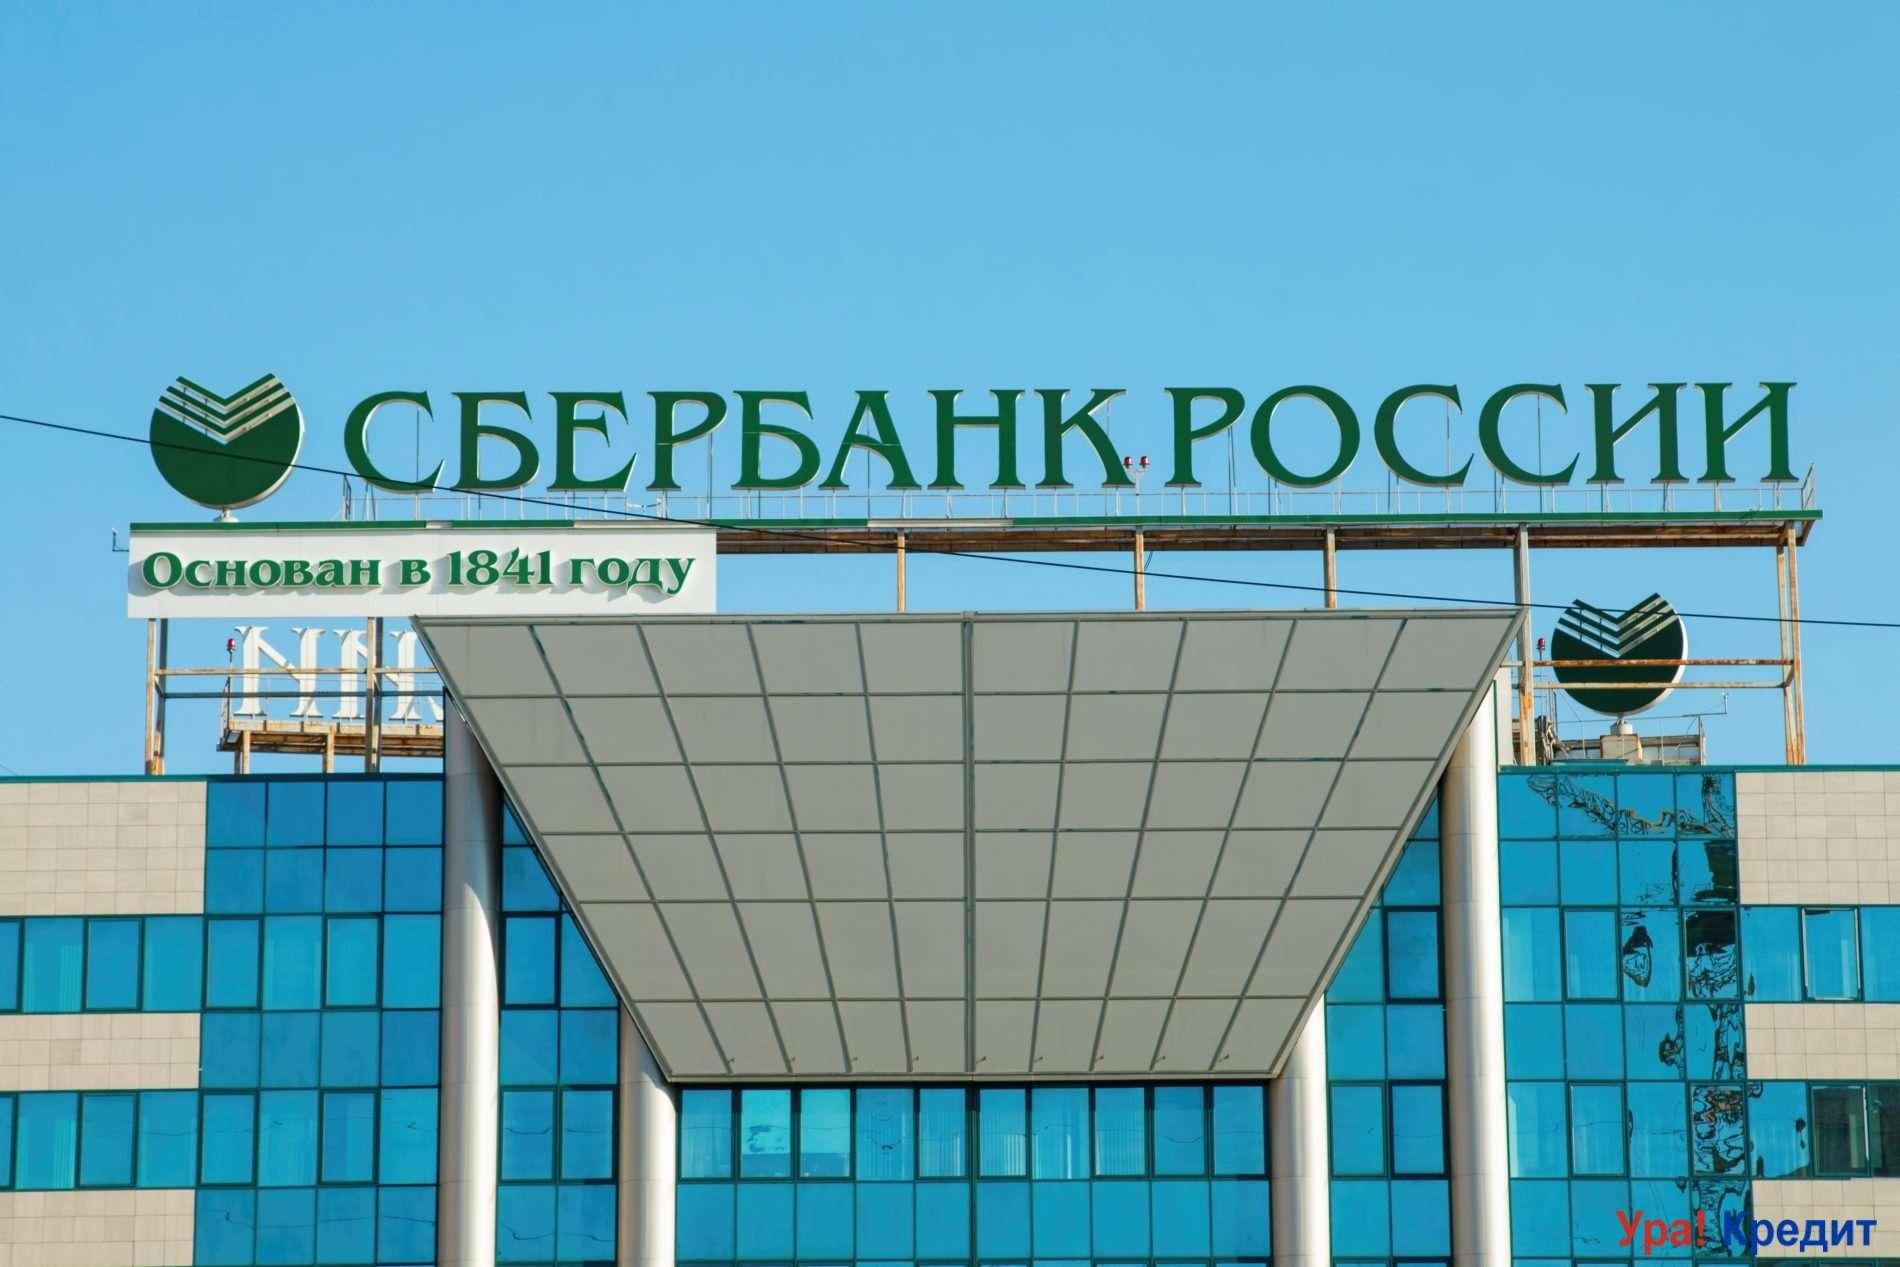 Прибыль Сбербанка составила 63,8 млрд рублей за январь-февраль 2018 года.